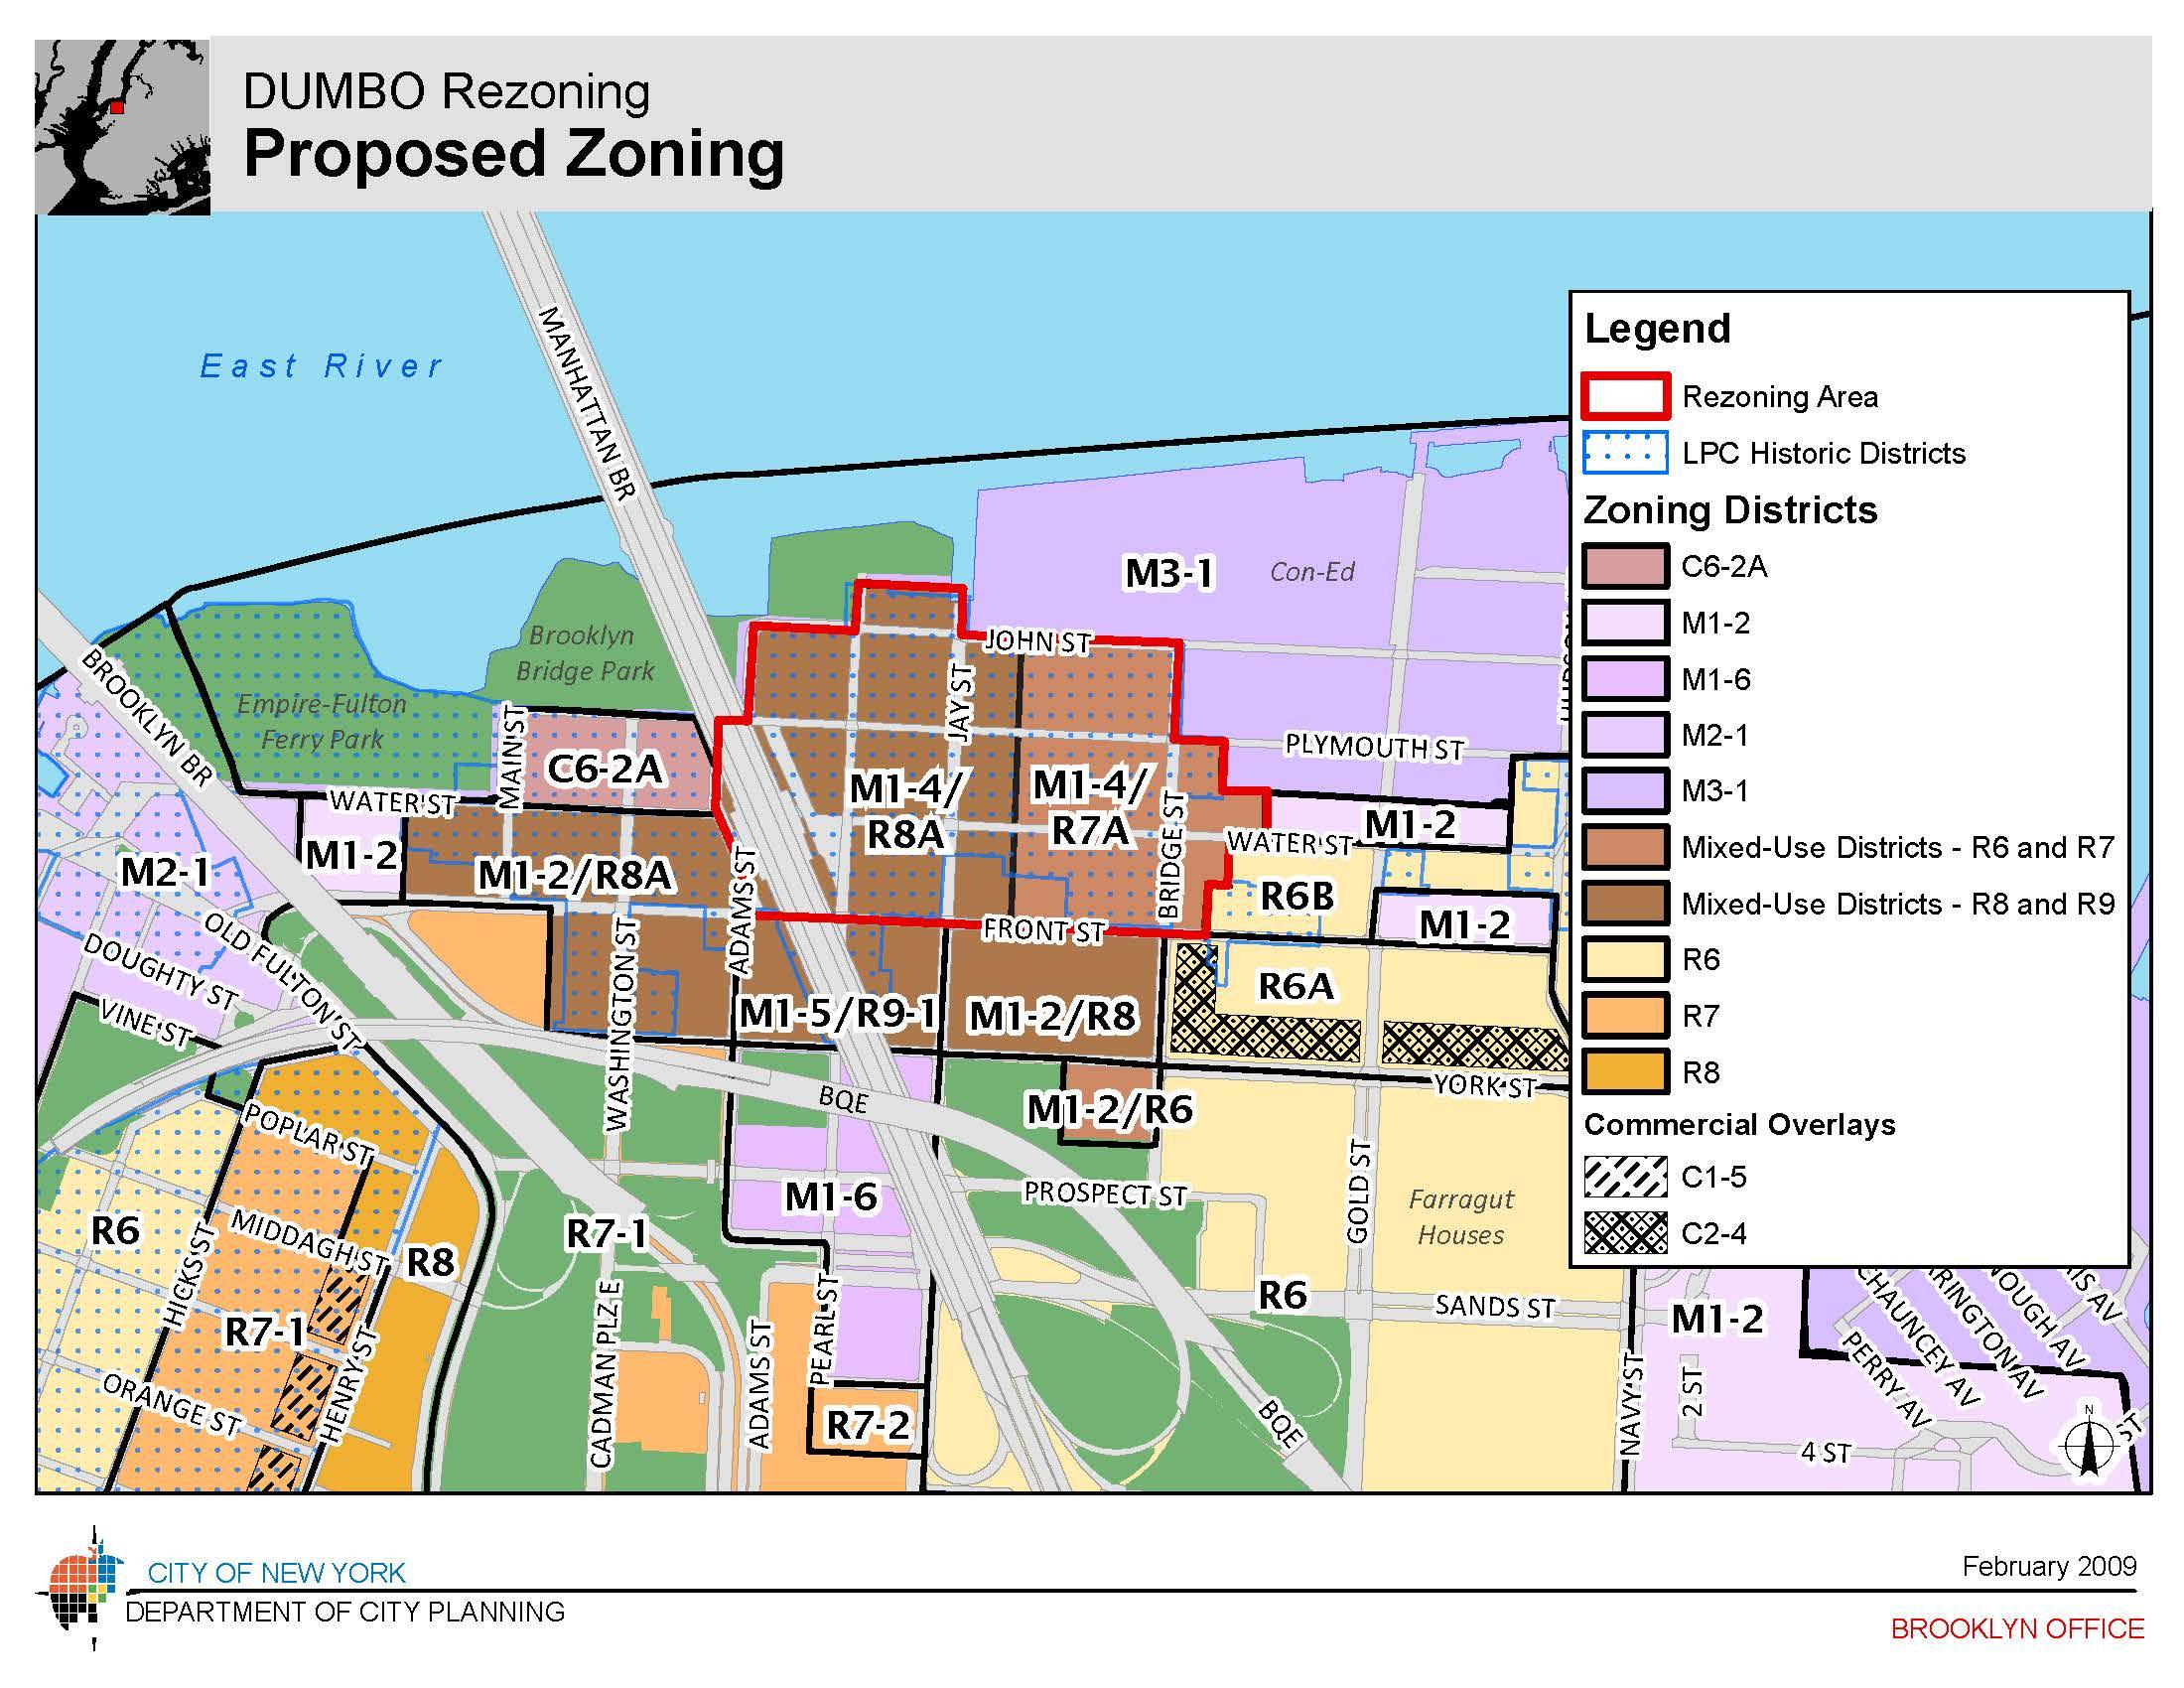 DUMBO Rezoning Archives CityLand CityLand - Nyc map zoning